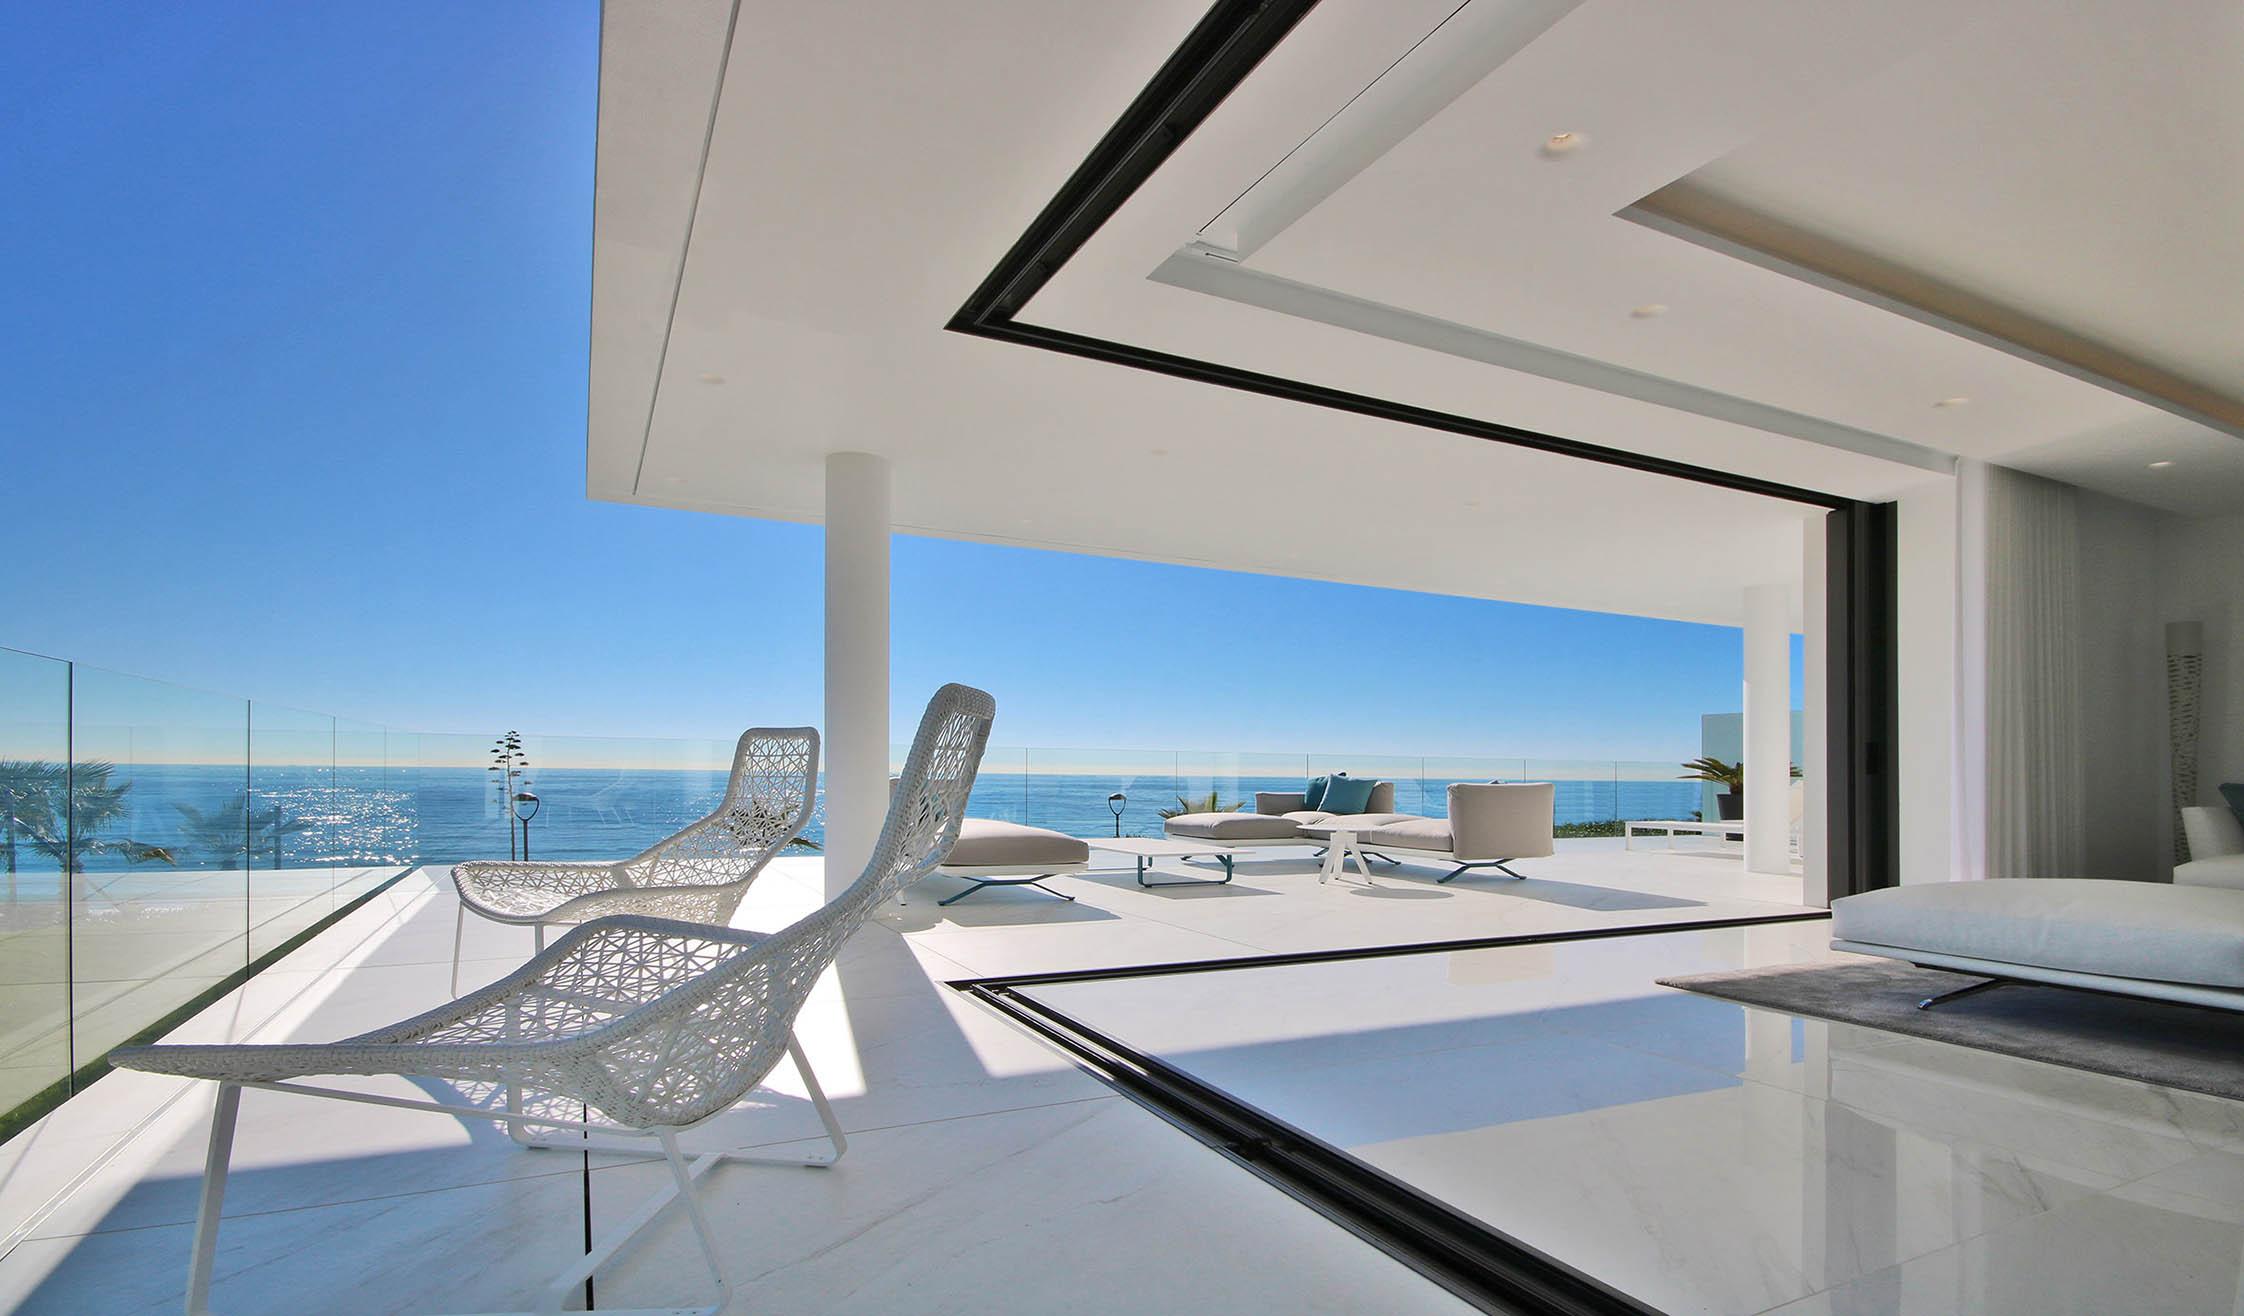 Annonces immobilières, immobilier international. Trouvez le Bien immobilier de vos Rêves ! Avec les annonces de location ou de vente à travers le monde